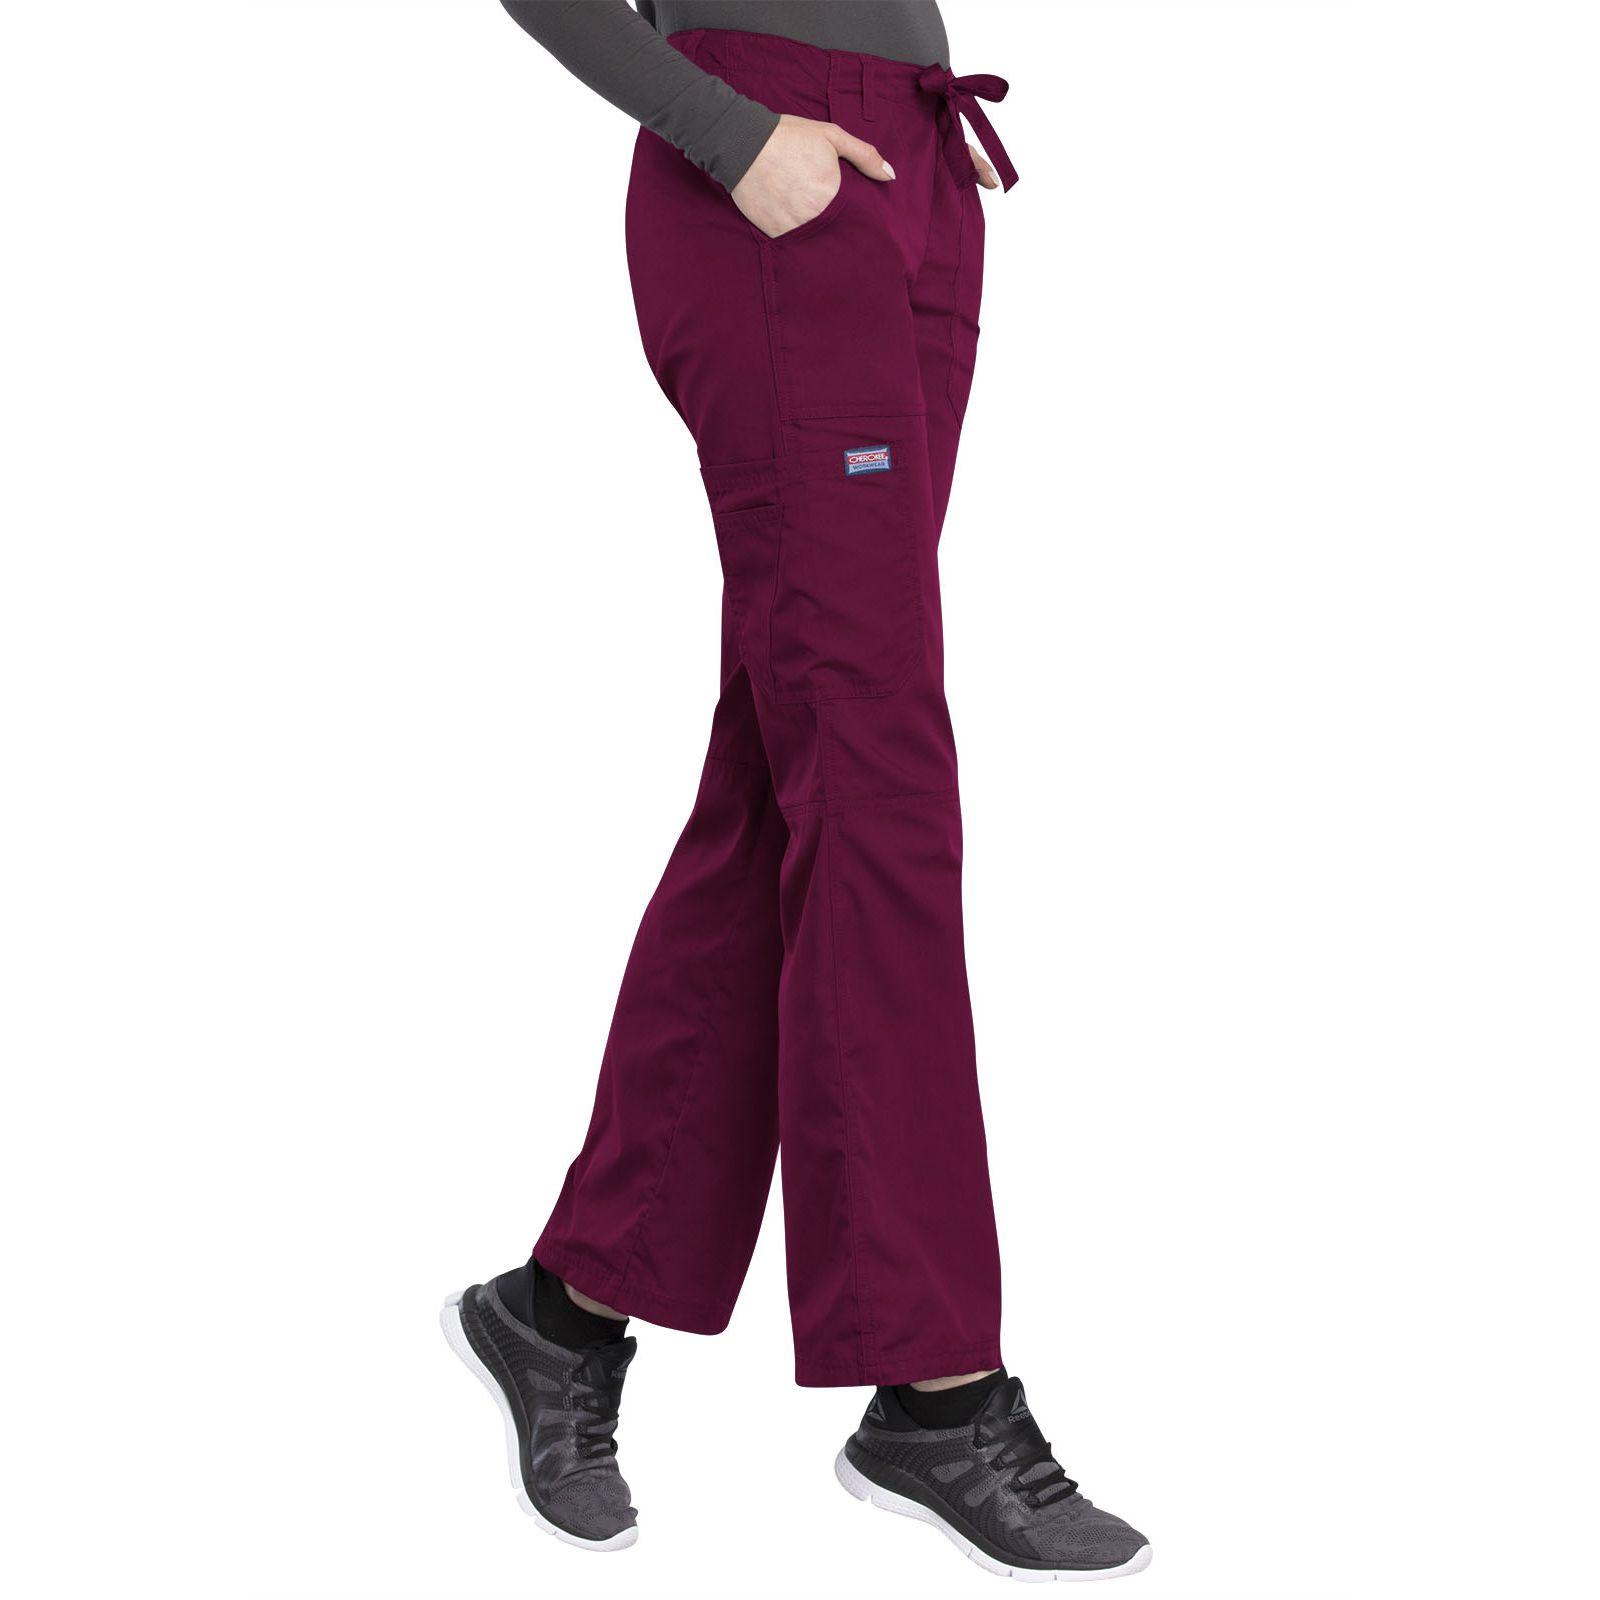 Pantalon médical Femme cordon et élastique, Cherokee Workwear Originals (4020) couleur bordeaux vue gauche